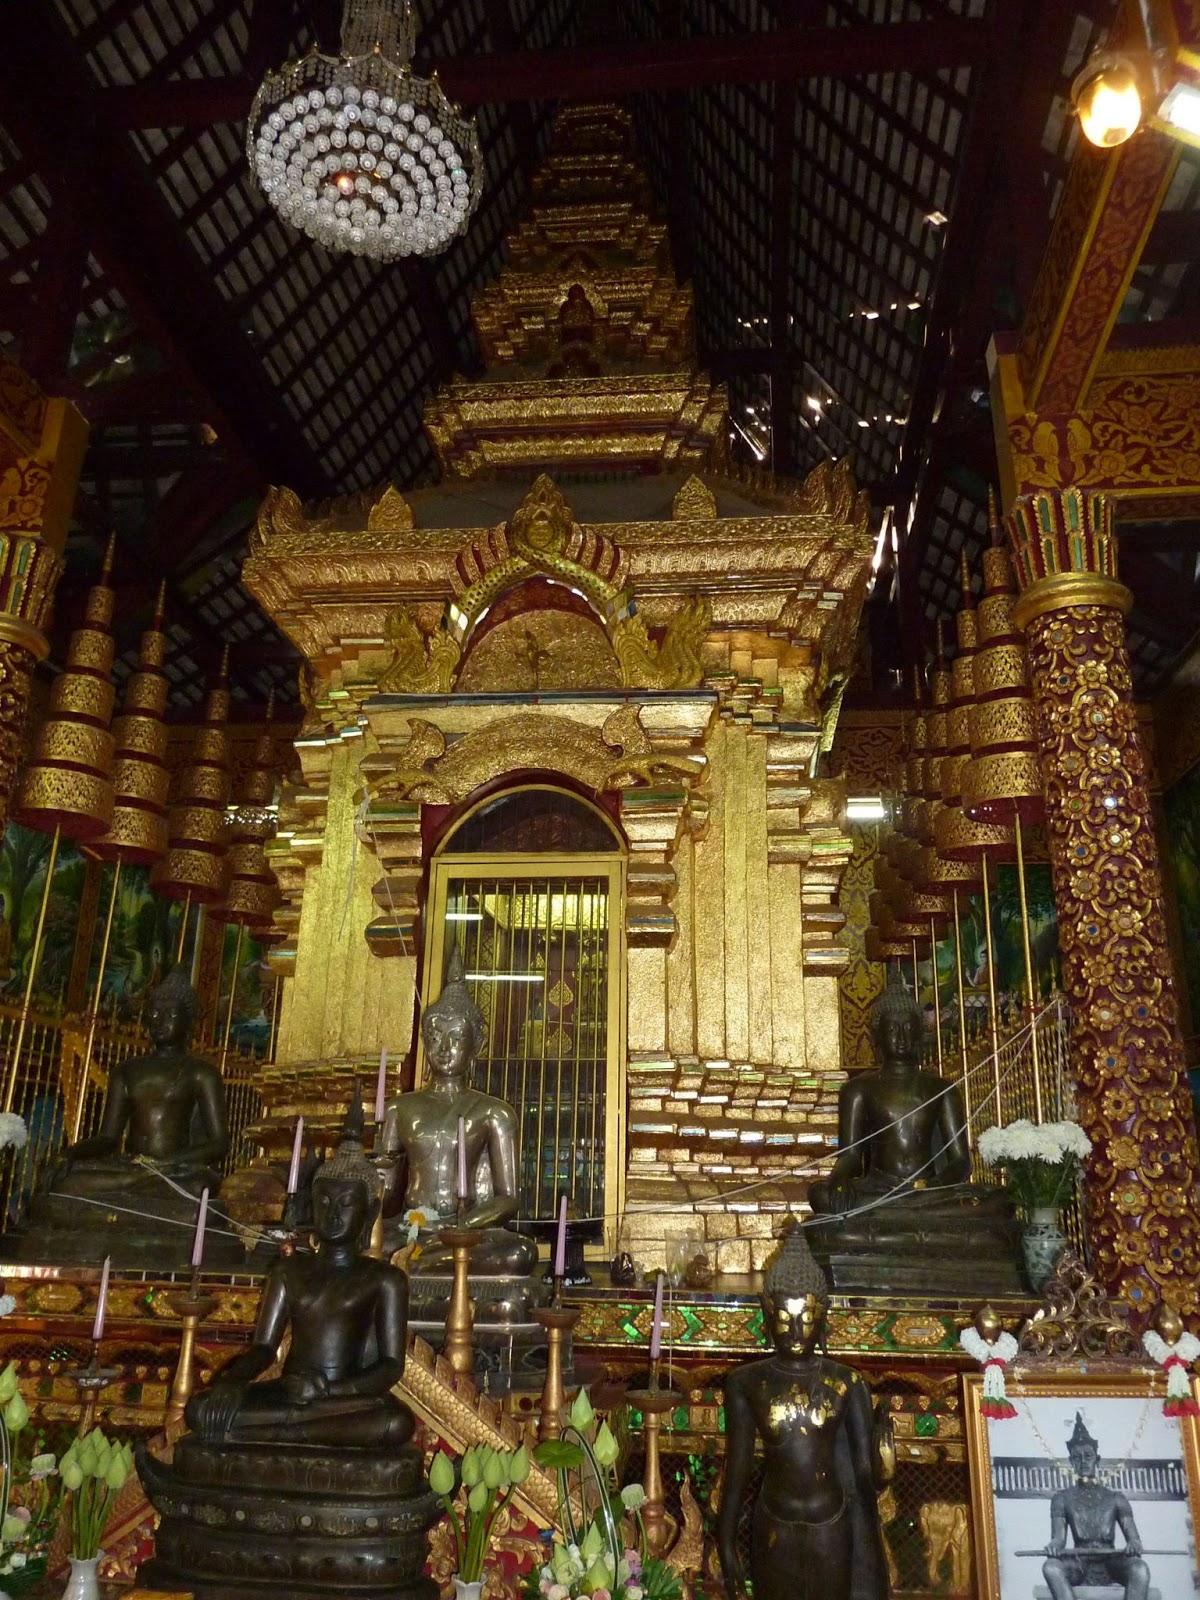 Chiang Mai Tour: Tour in Chiang Mai to Wat Chiang Man